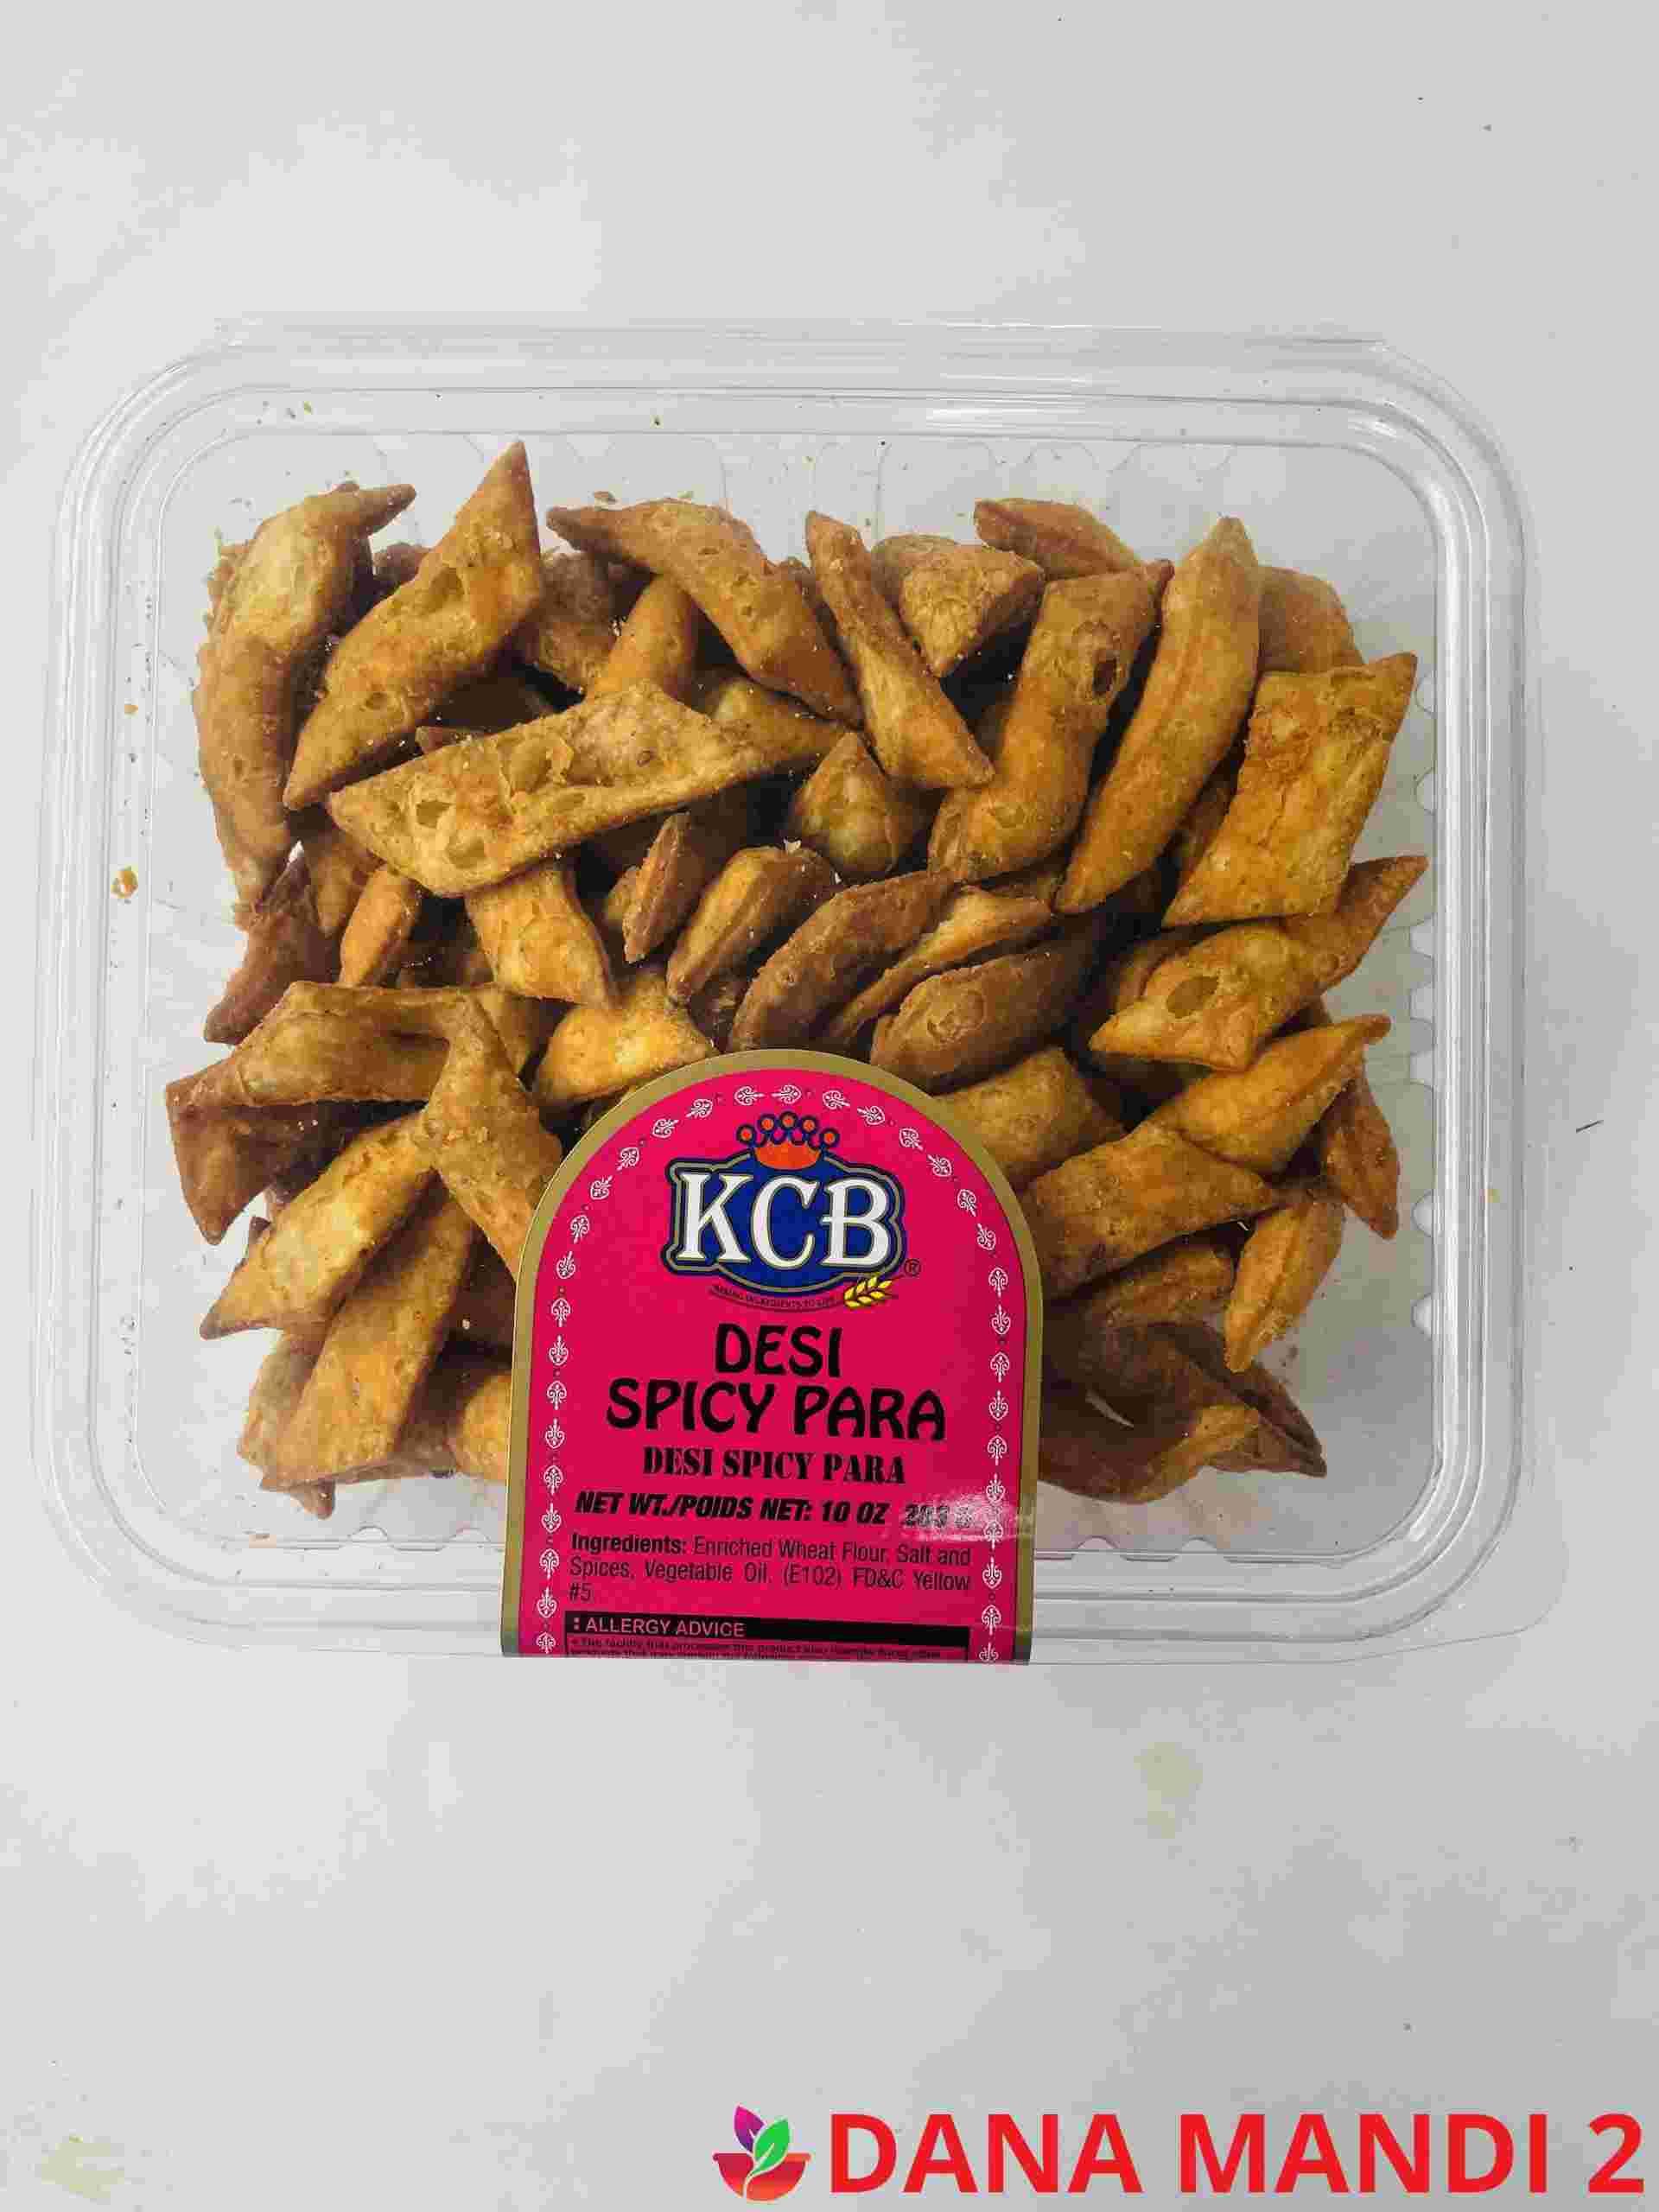 Kcb Desi Spicy Para